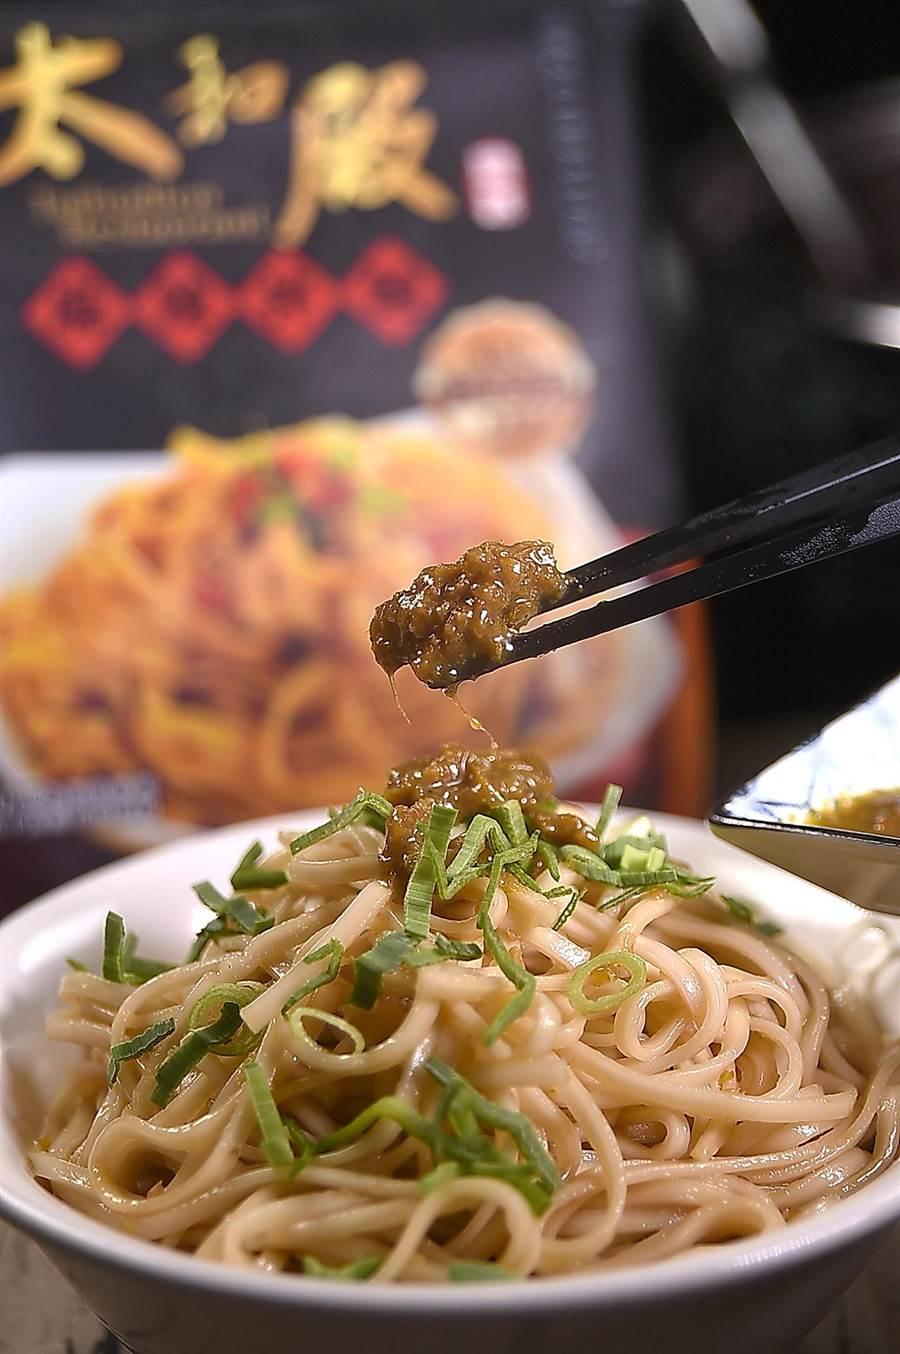 別小看了這青綠色的「勁麻醬」,拌麵時如果加多了,吃起來恐怕會「大舌頭」,所以〈太和殿〉決定以手工細麵搭配。(攝影/姚舜)